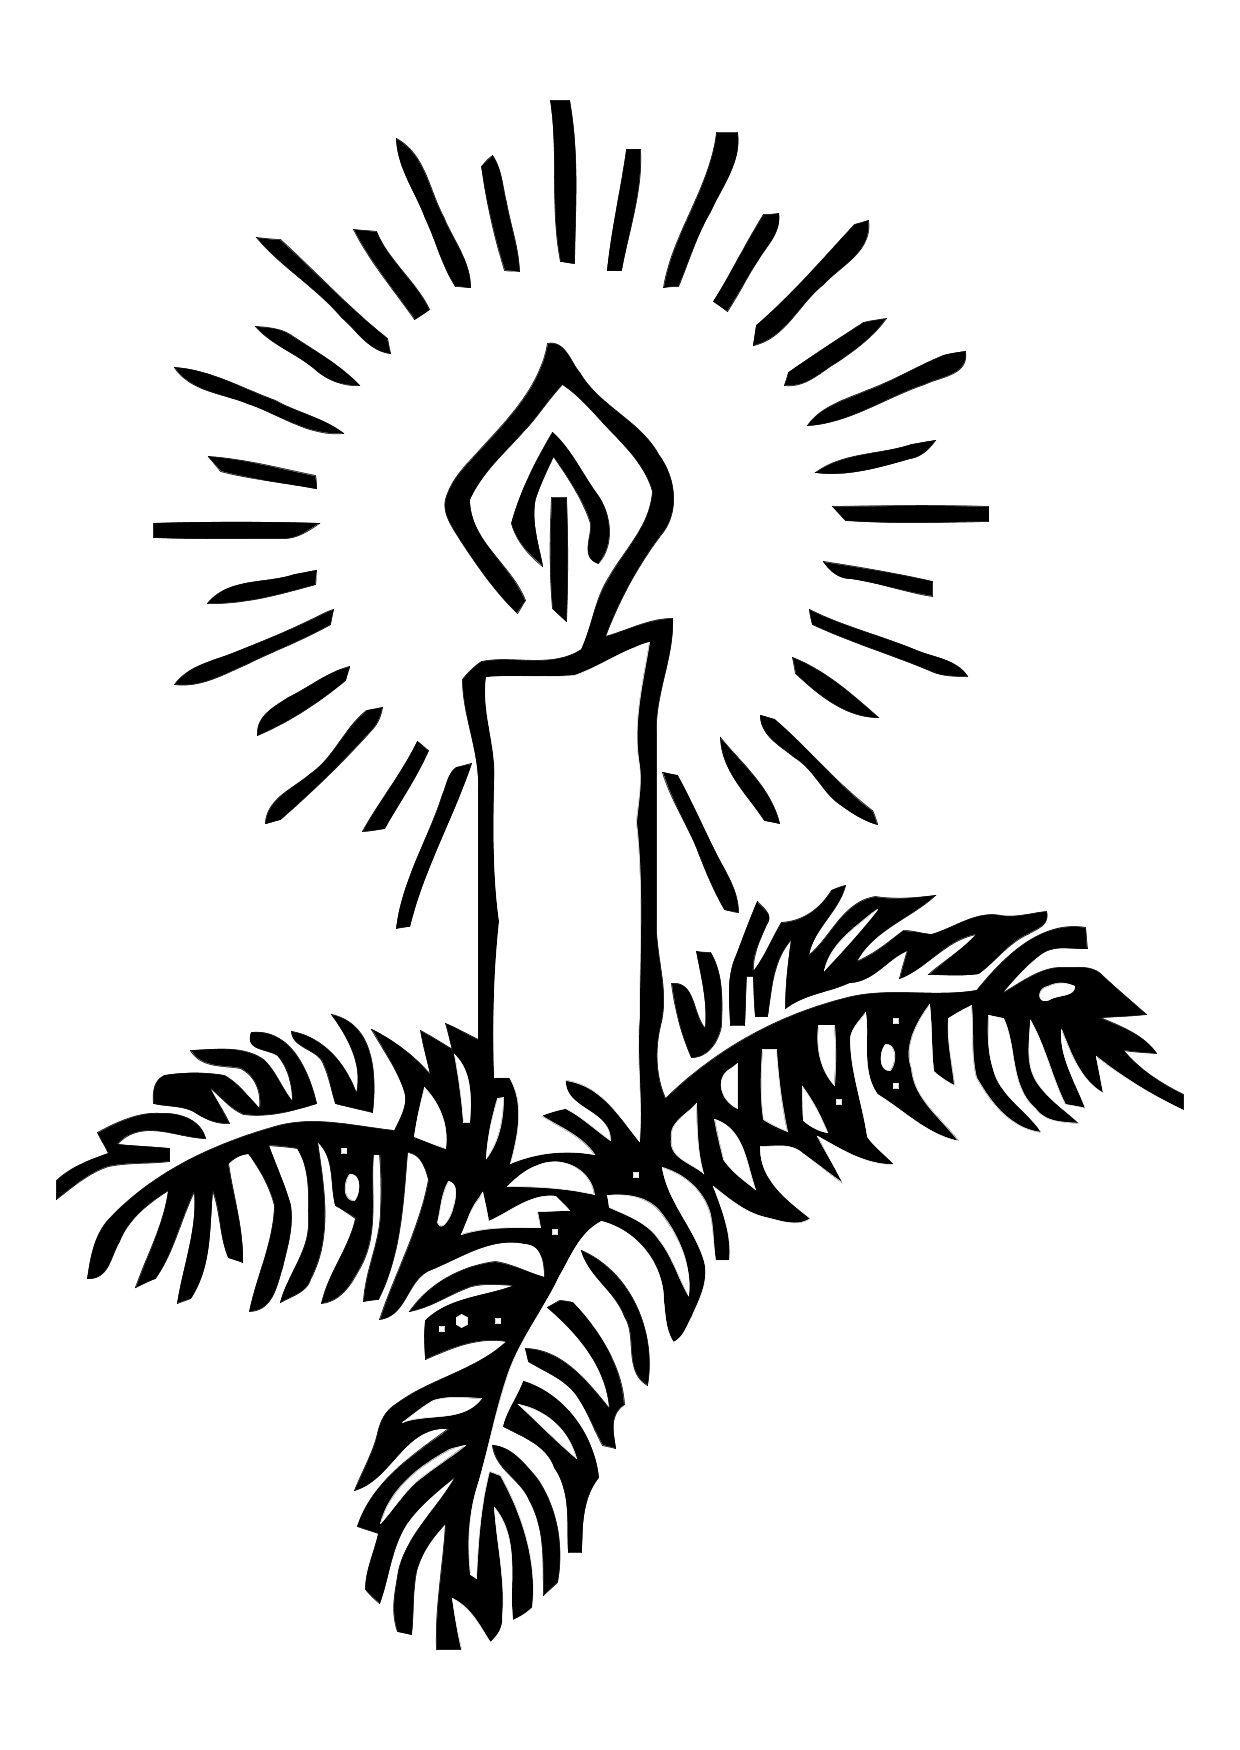 Dibujo para colorear Vela de navidad - Img 11335